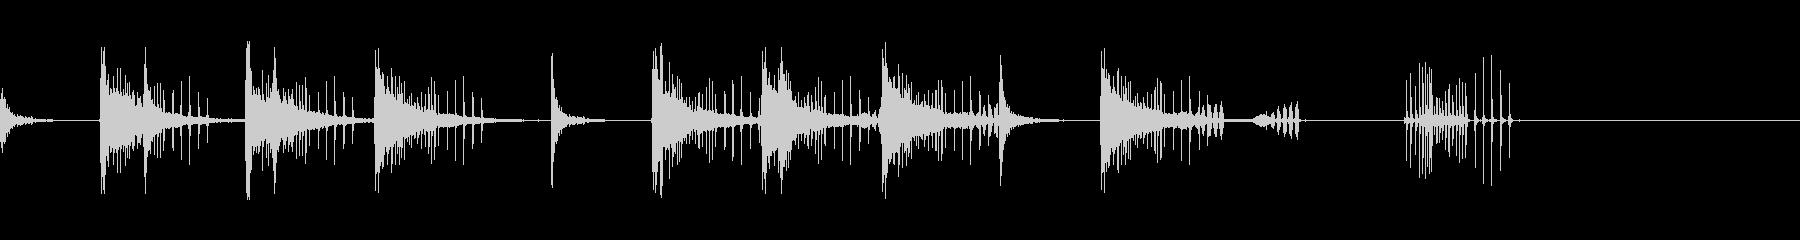 とんとん(派手な建設中の音)B15の未再生の波形